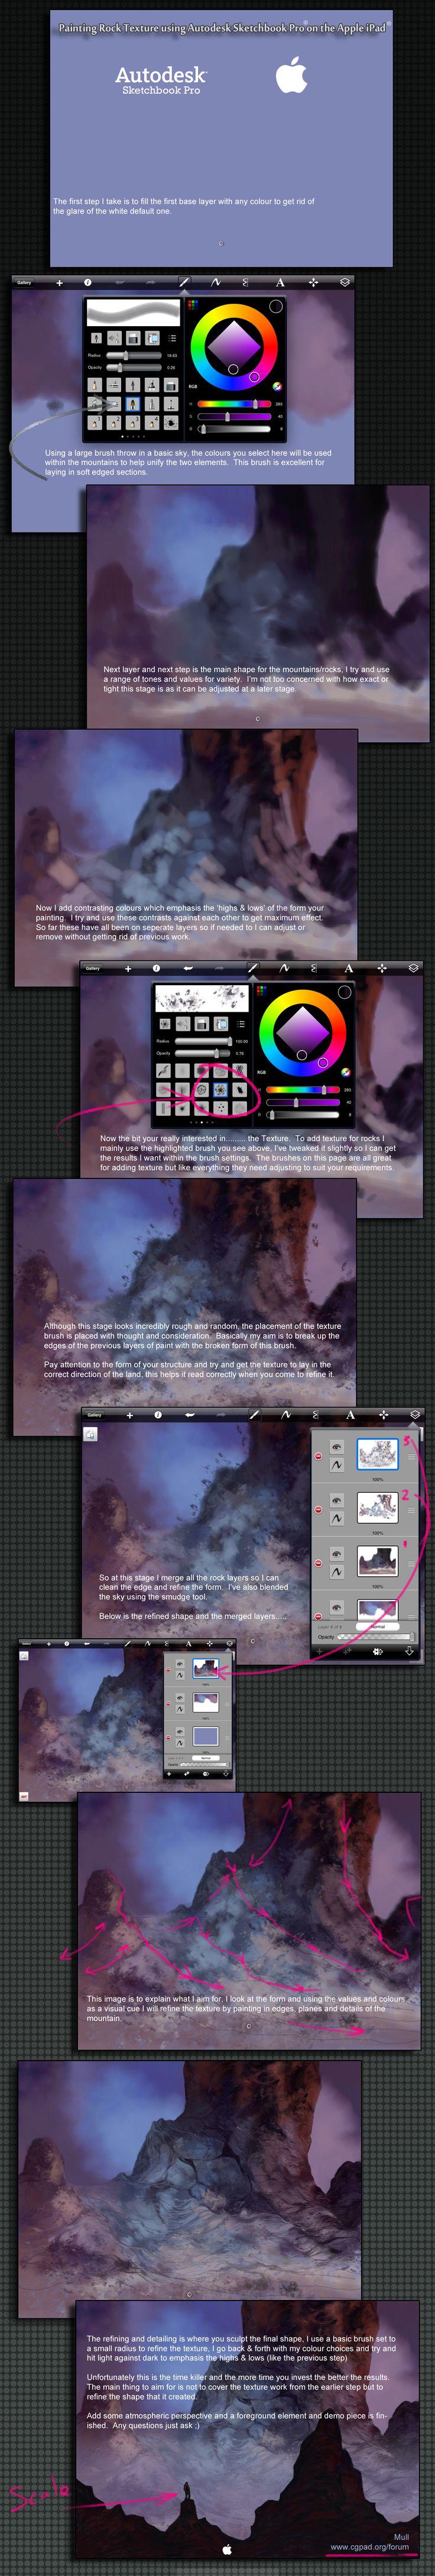 iPad Sketchbook Pro Tutorial by Mull-Art.deviantart.com on @deviantART